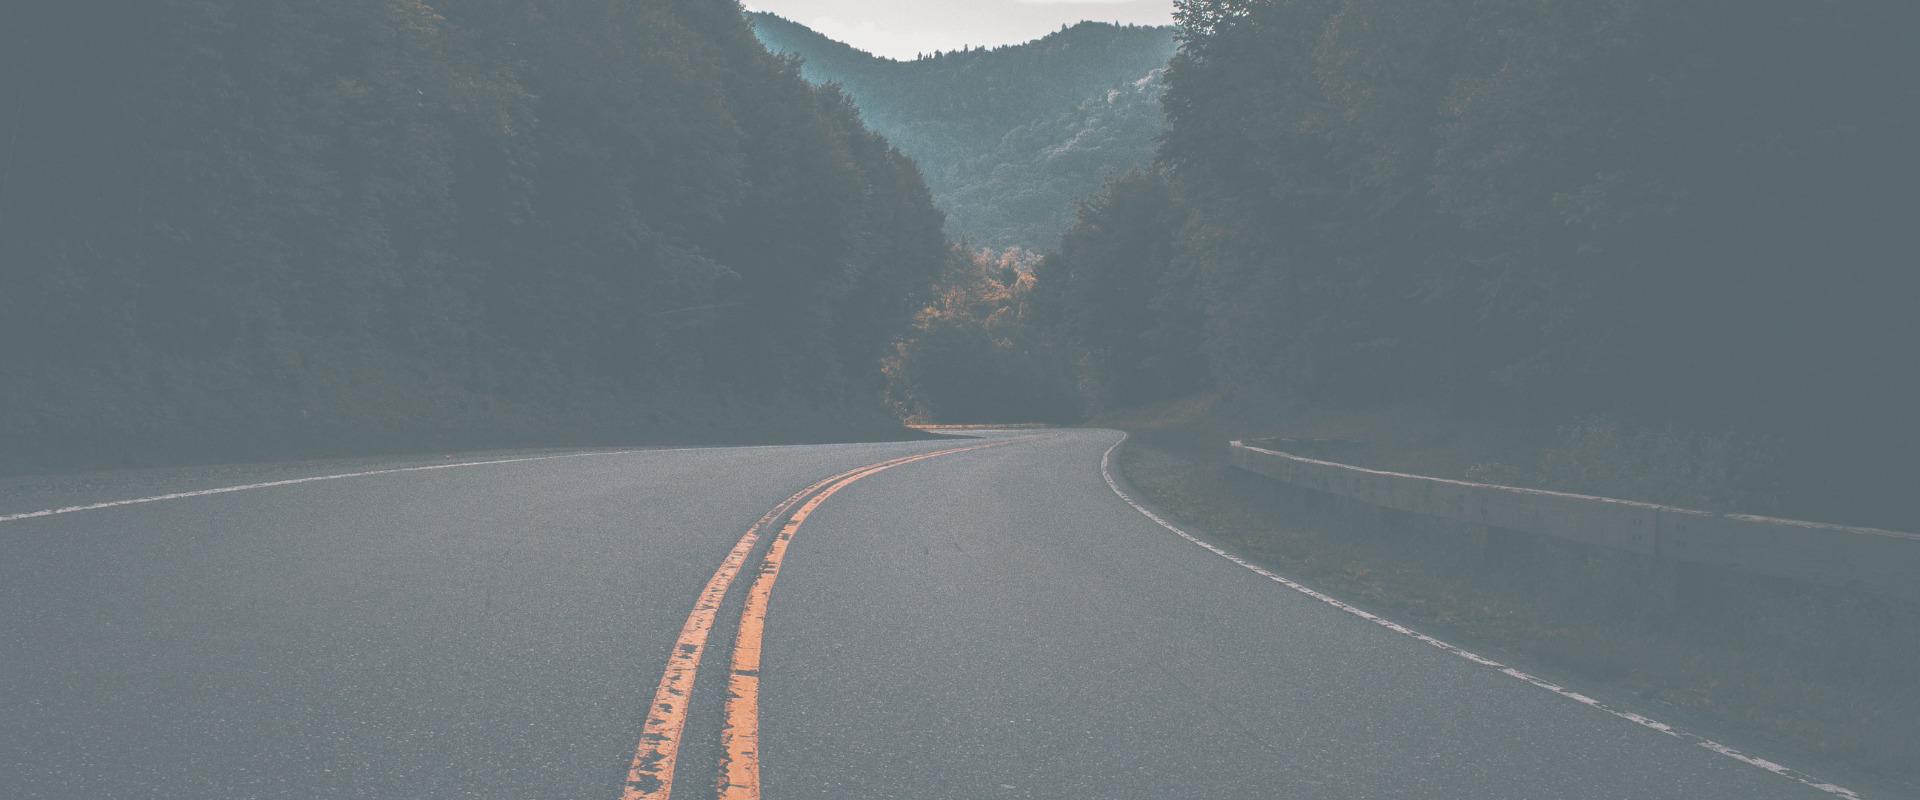 رحلتي نحو التفكير في الحركة